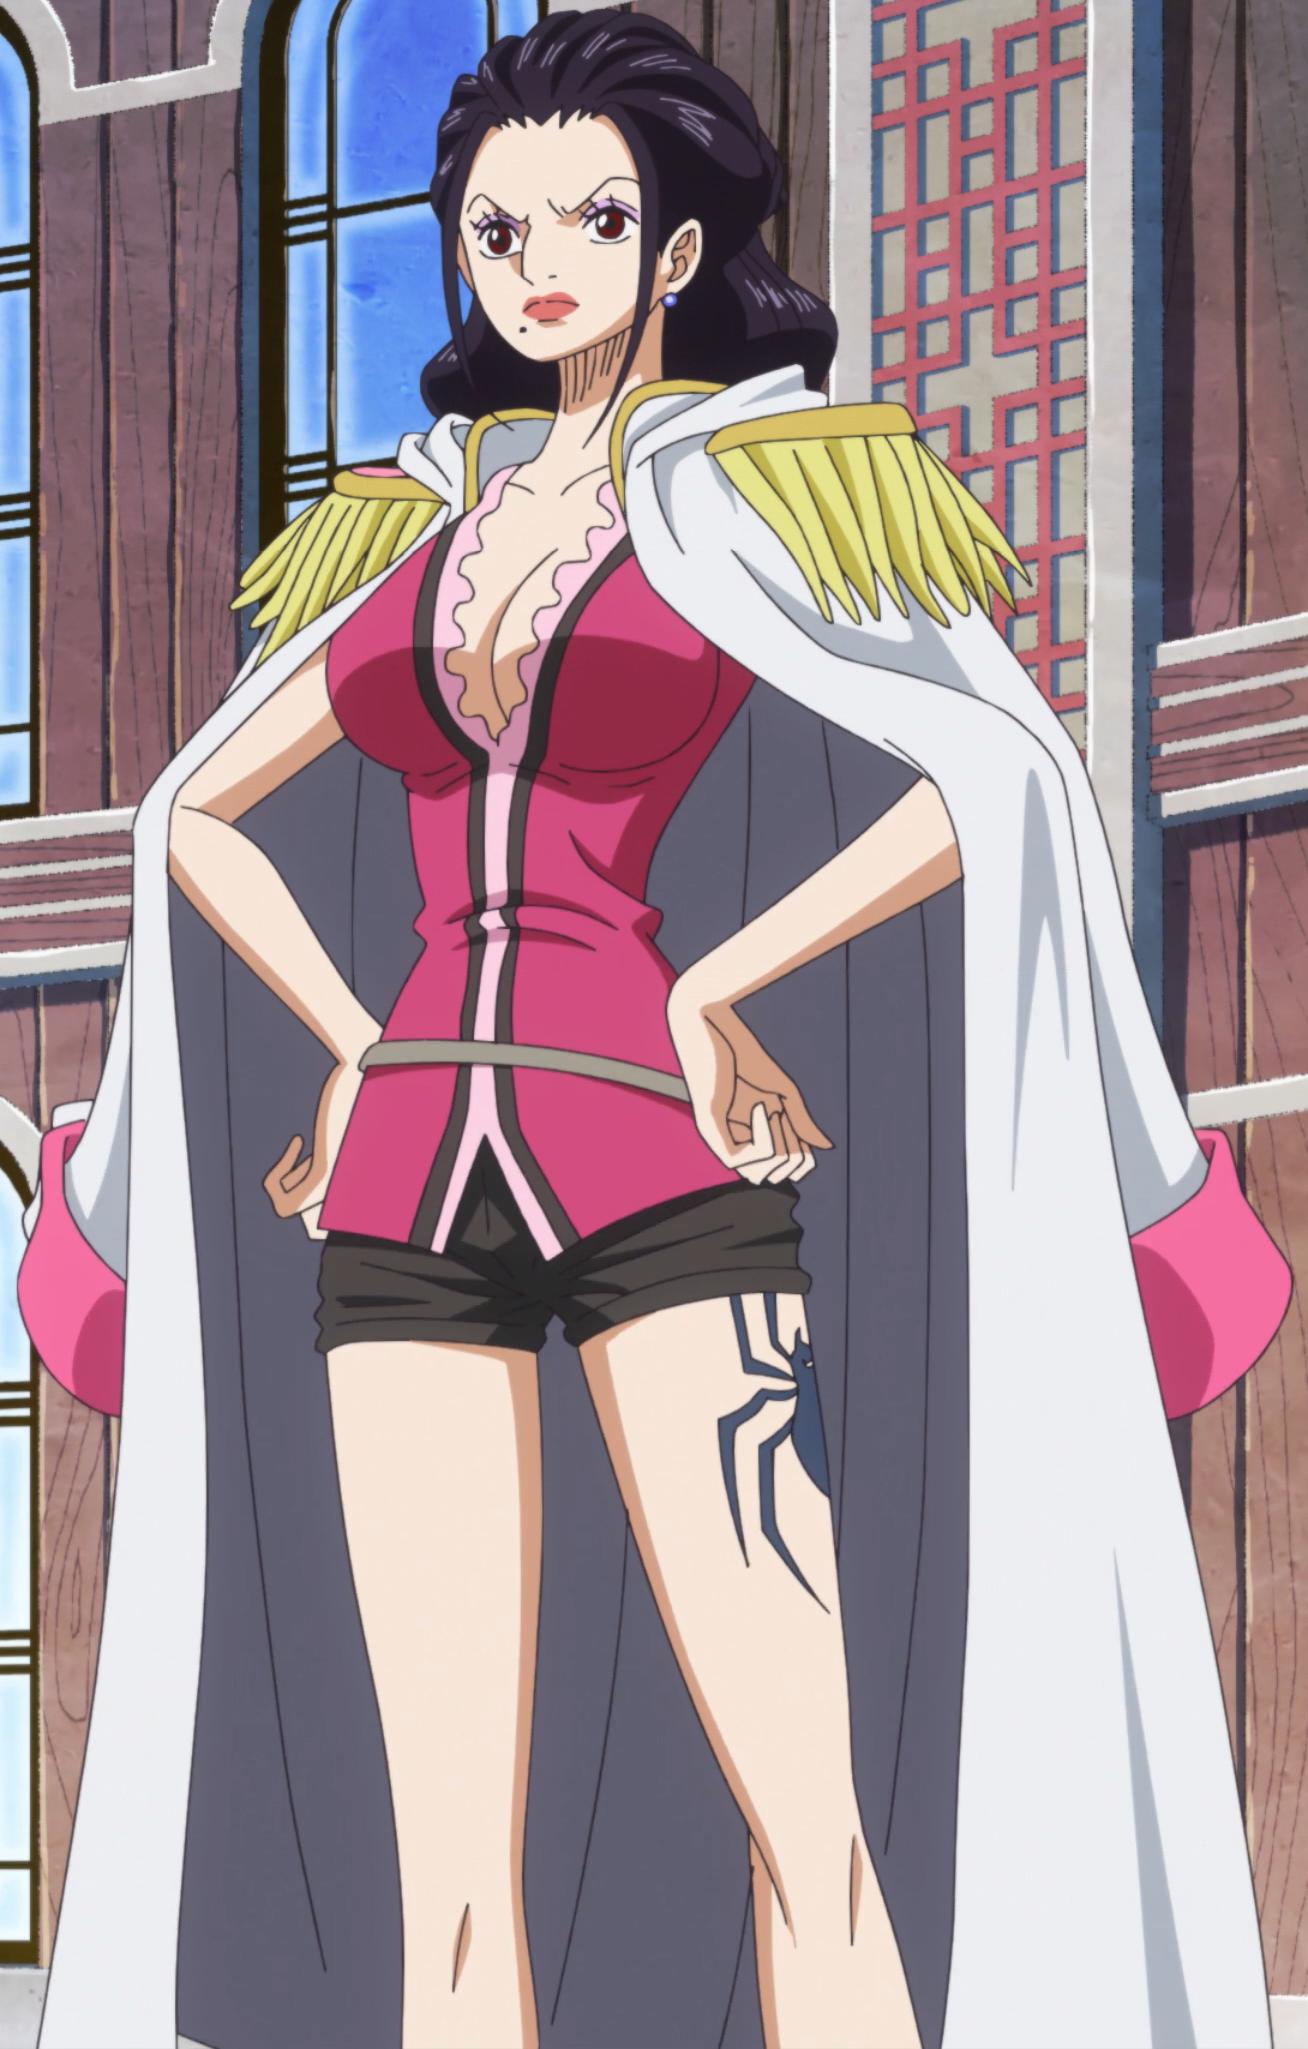 Gion | One Piece Wiki | FANDOM powered by Wikia